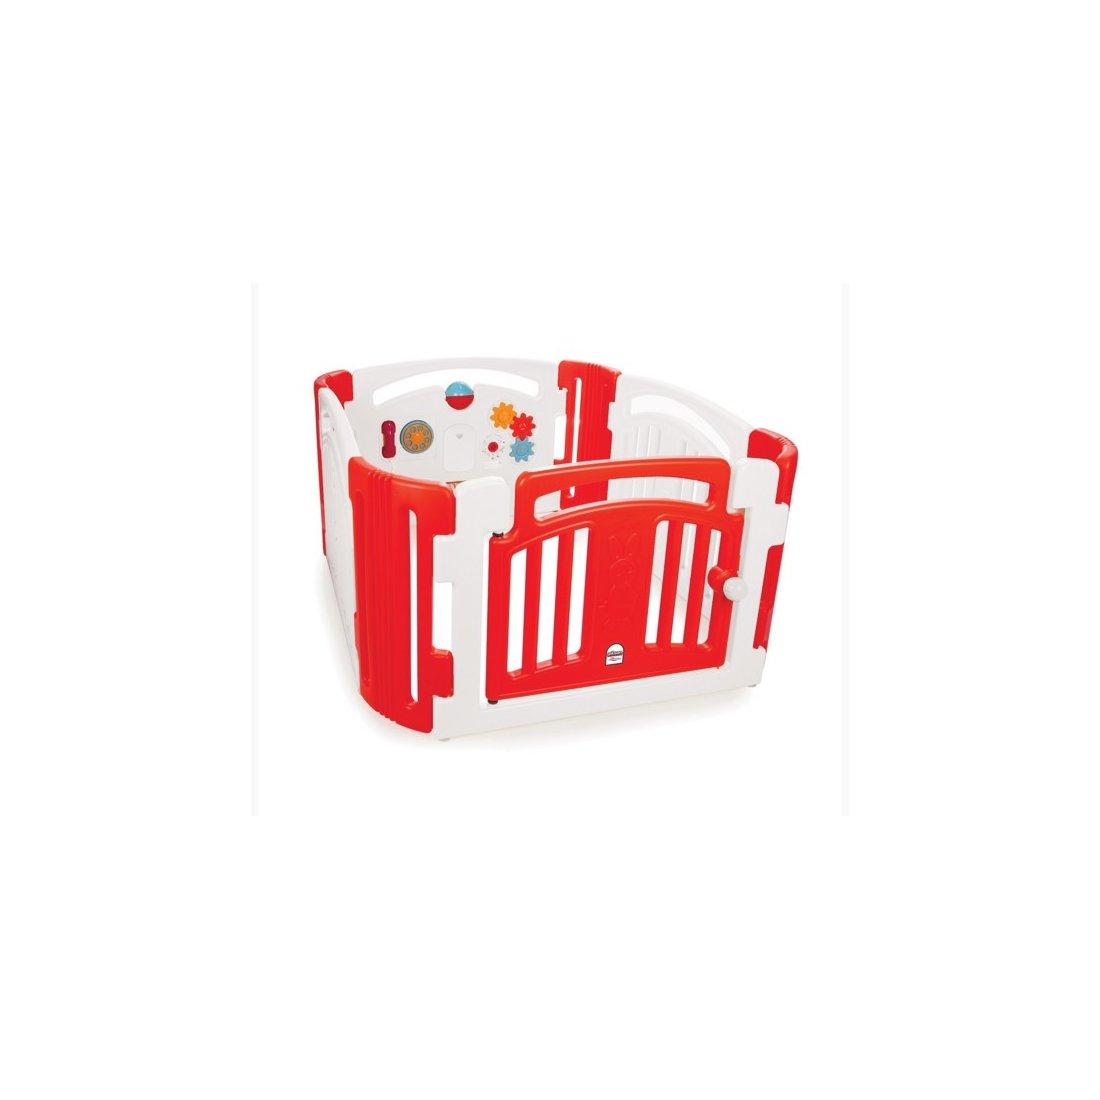 Pilsan - Детска ограда Angel 06183